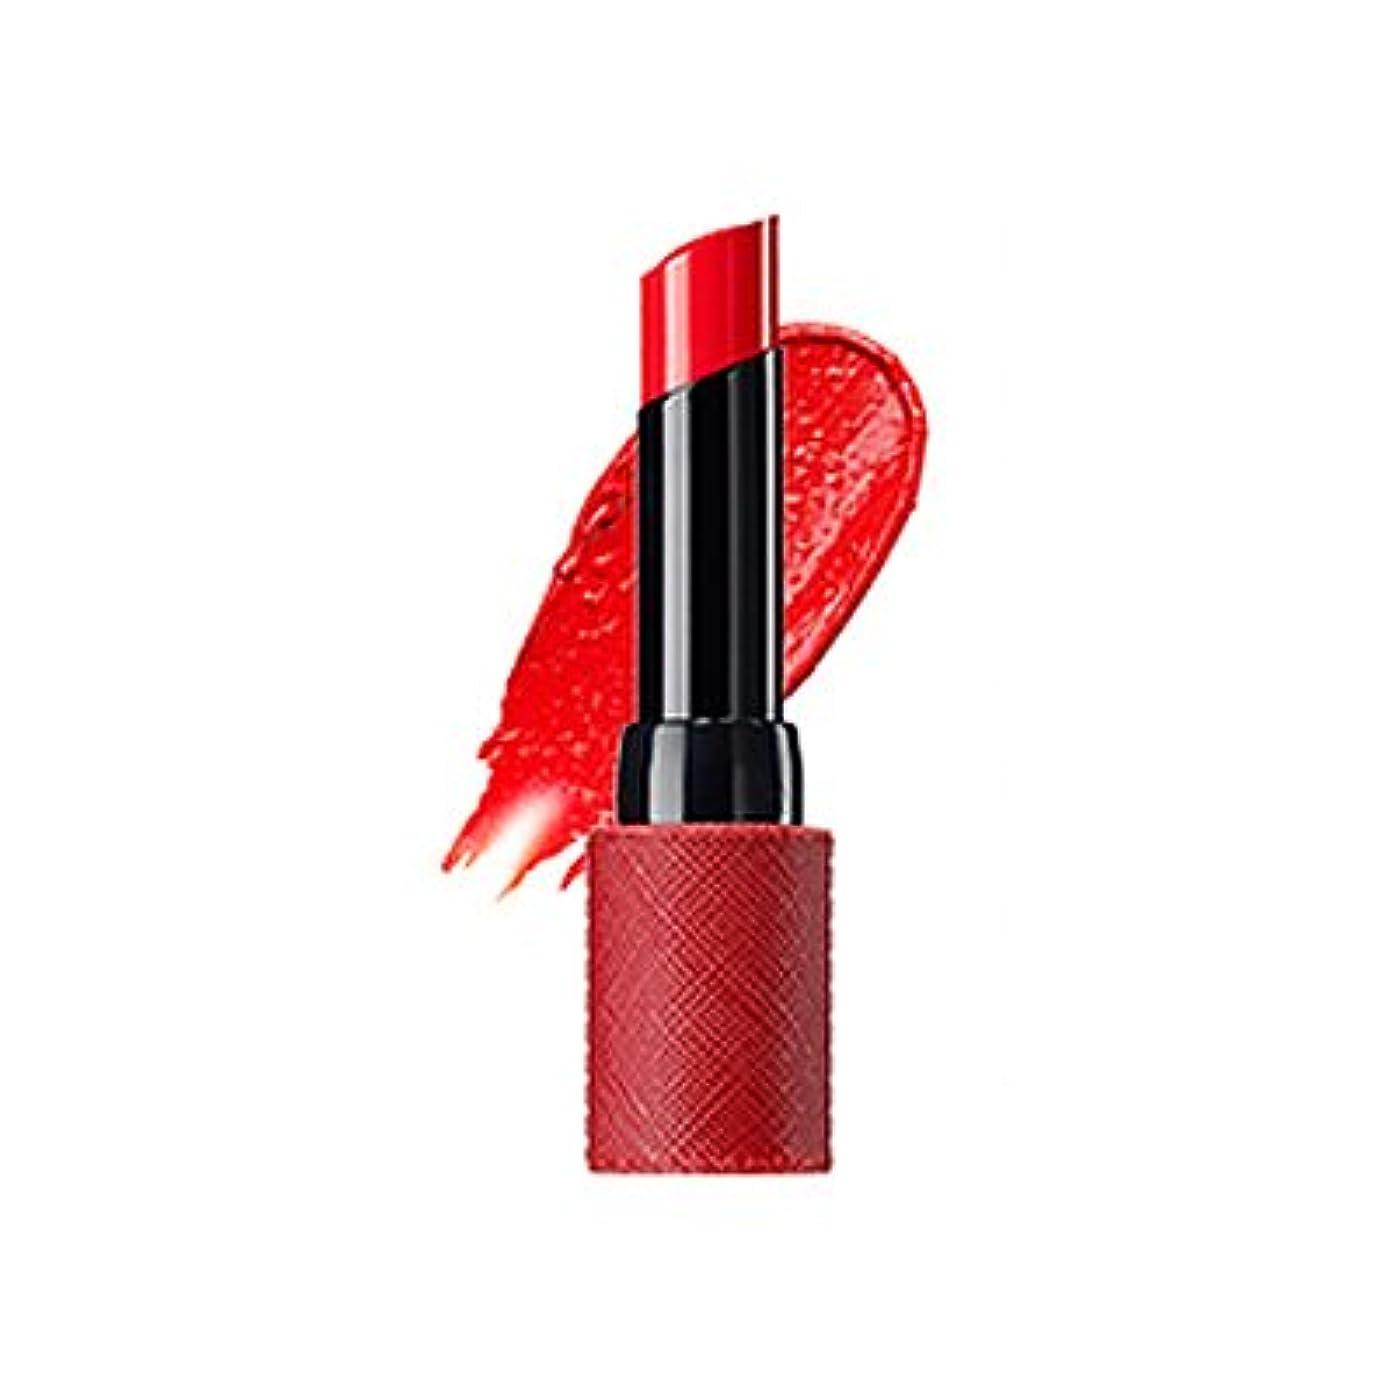 ゆるい切り下げひどくThe Saem Kissholic Lipstick S (OR 01 Dangerous) ザセムキスホリックリップスティック S [並行輸入品]